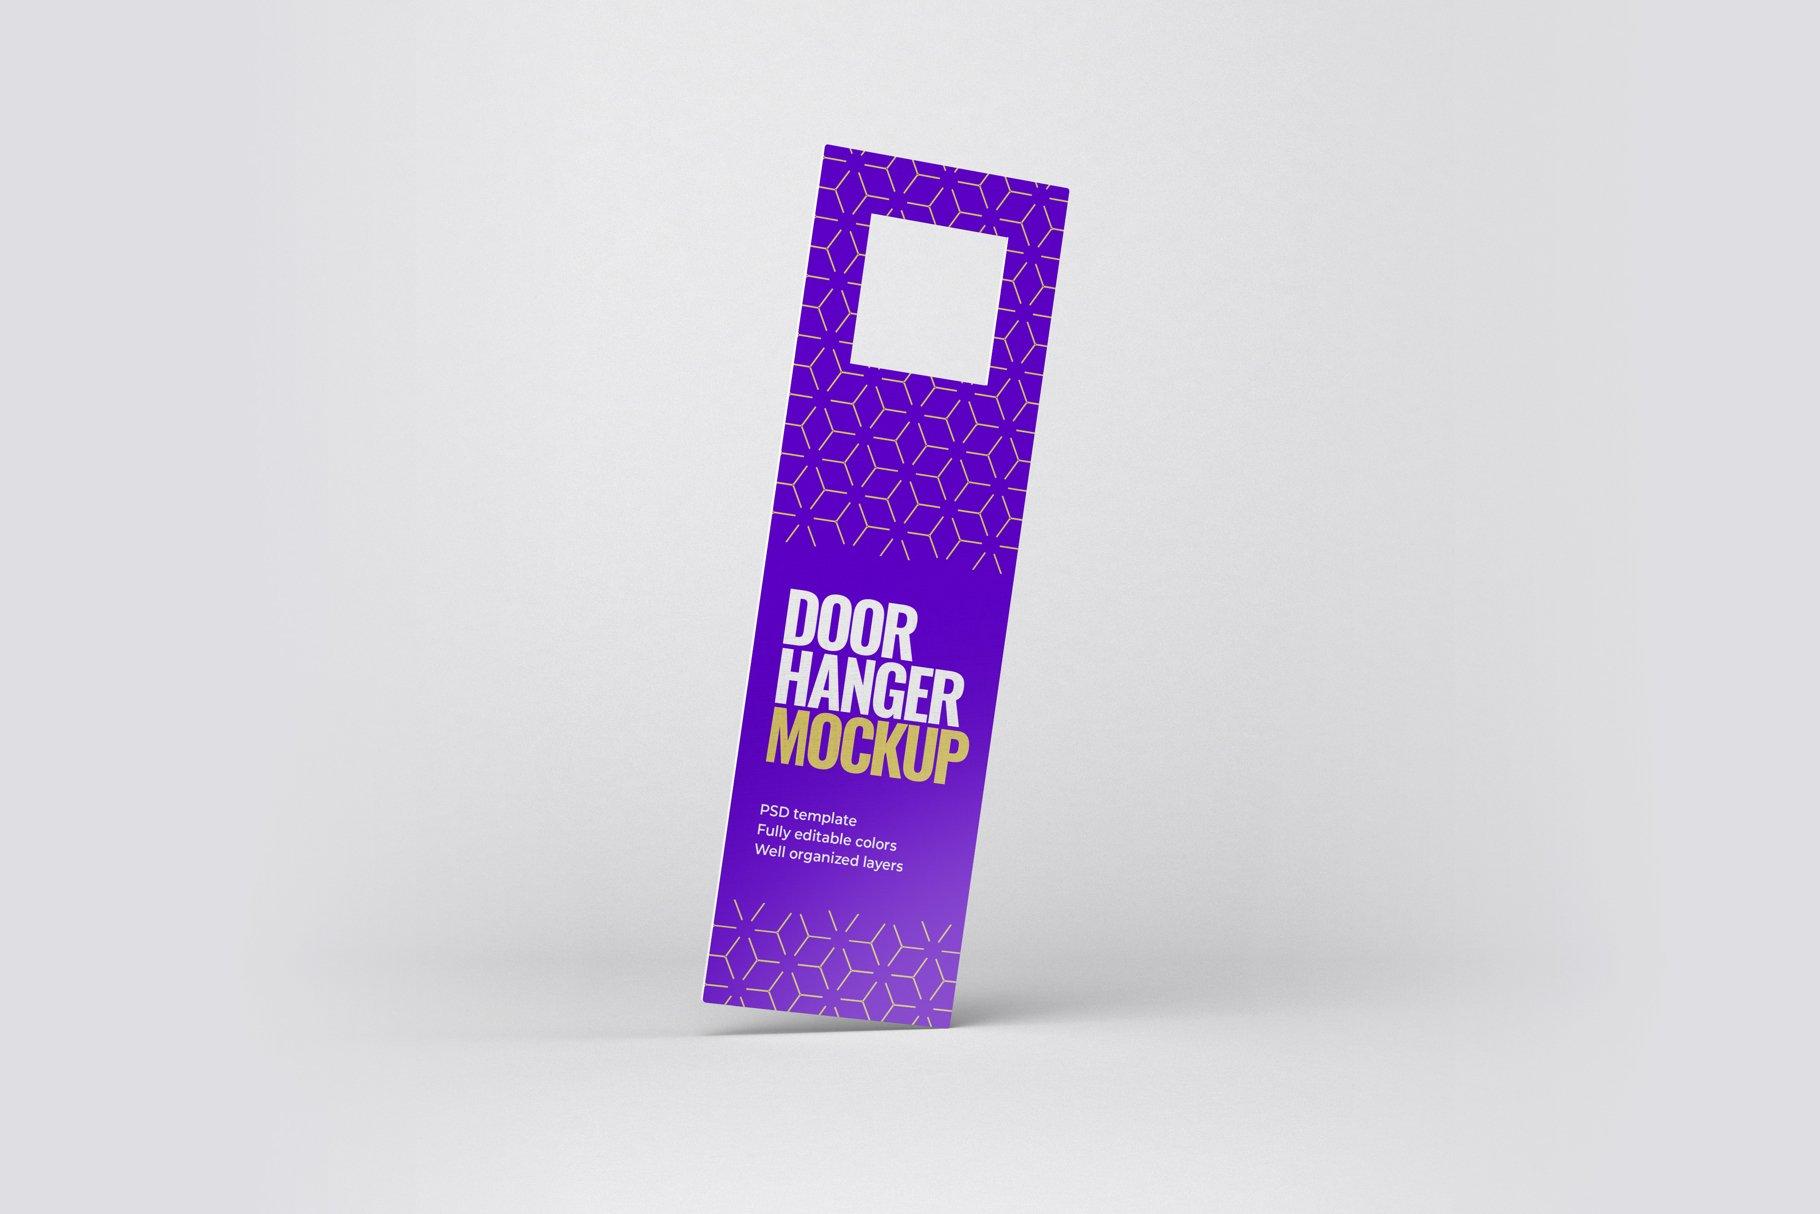 酒店门把手吊牌设计展示样机模板 Door Hanger Mockup Set插图(3)